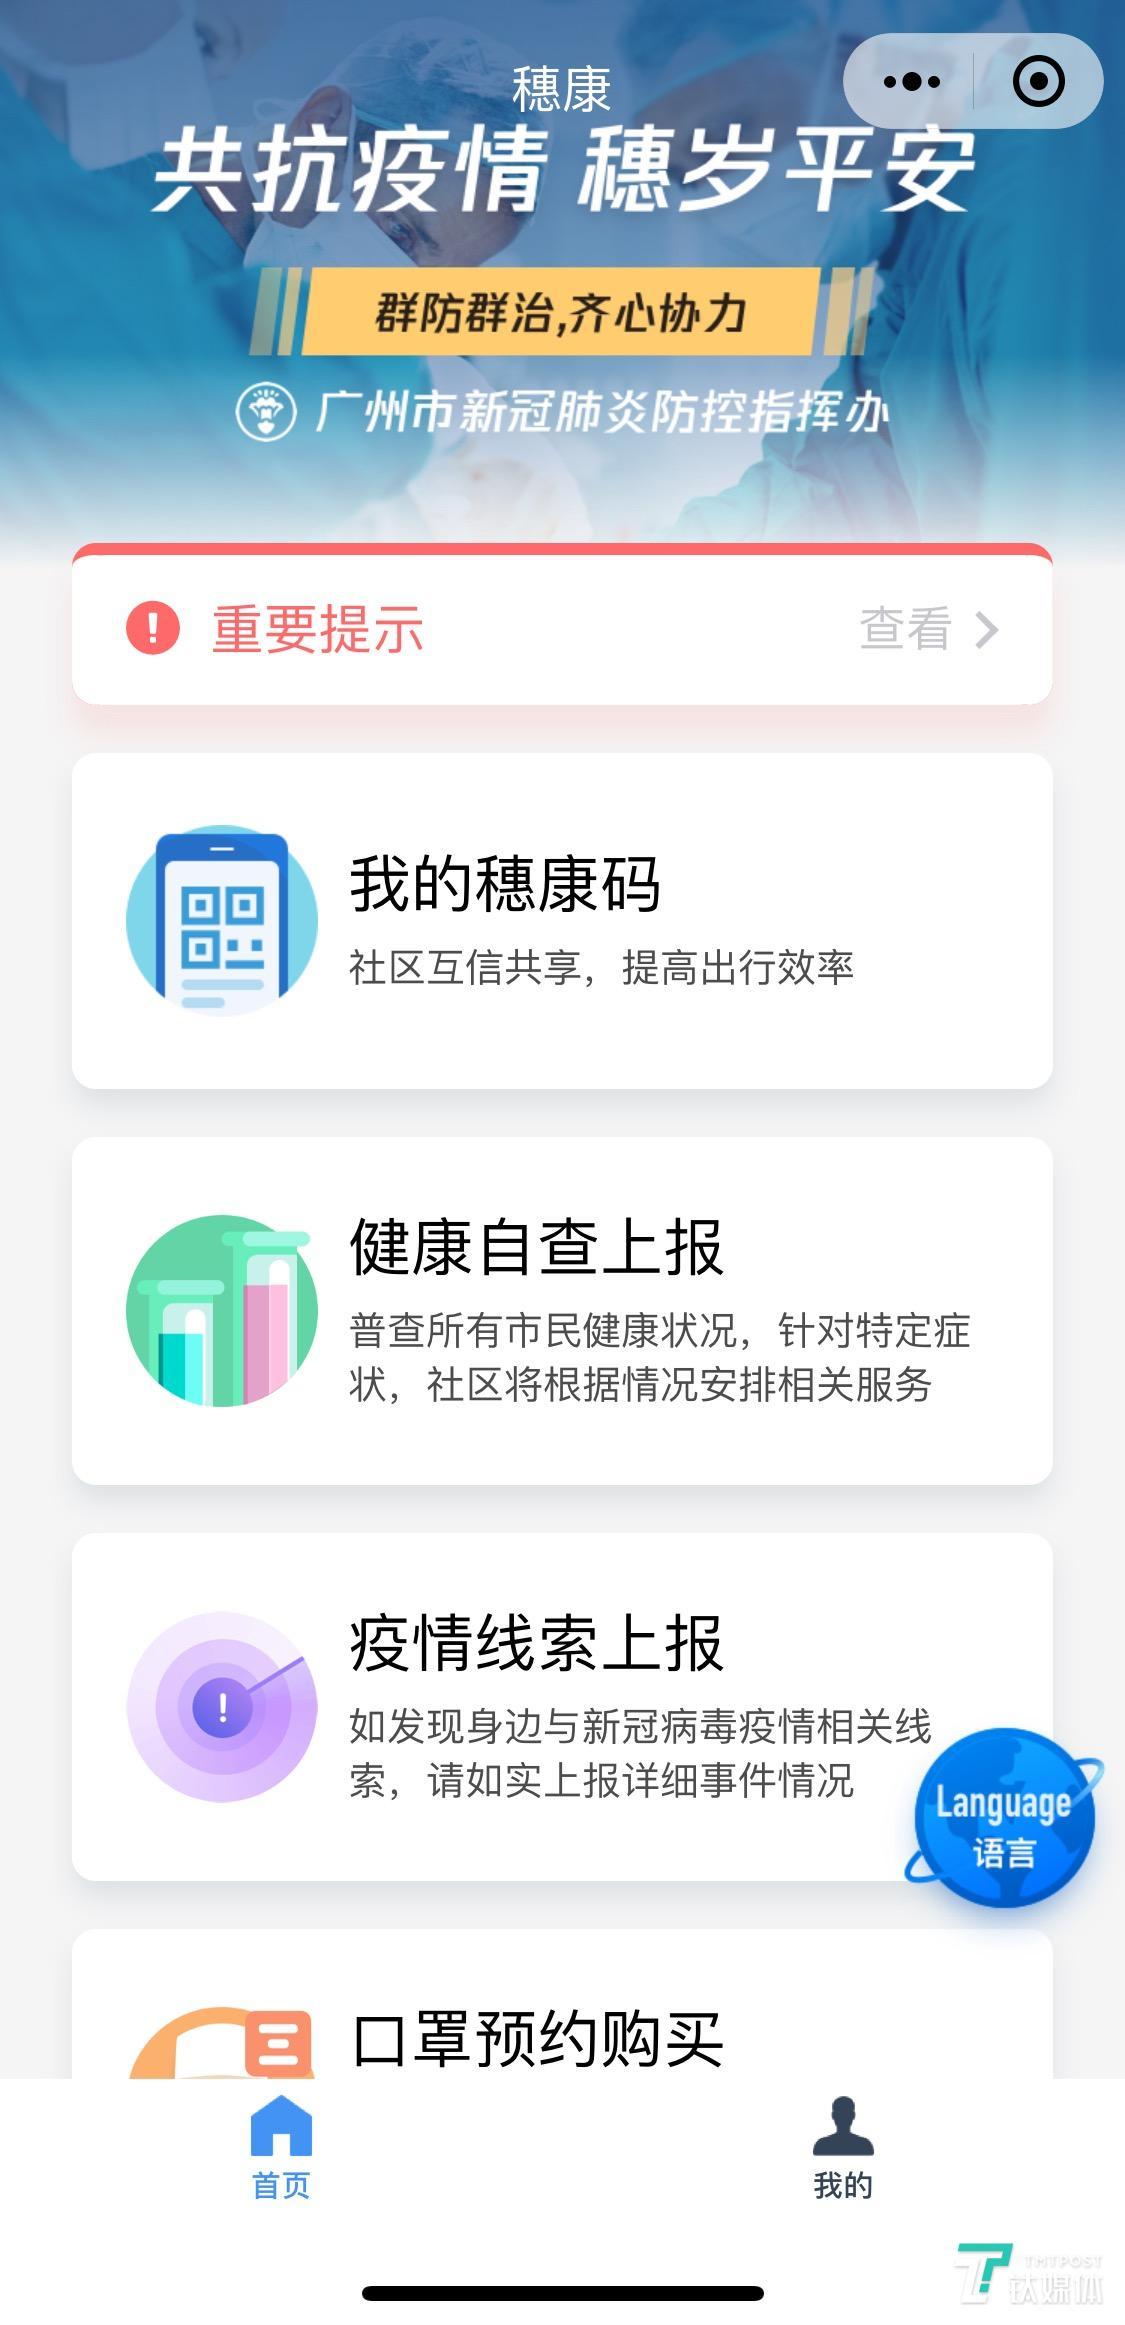 广州穗康小程序